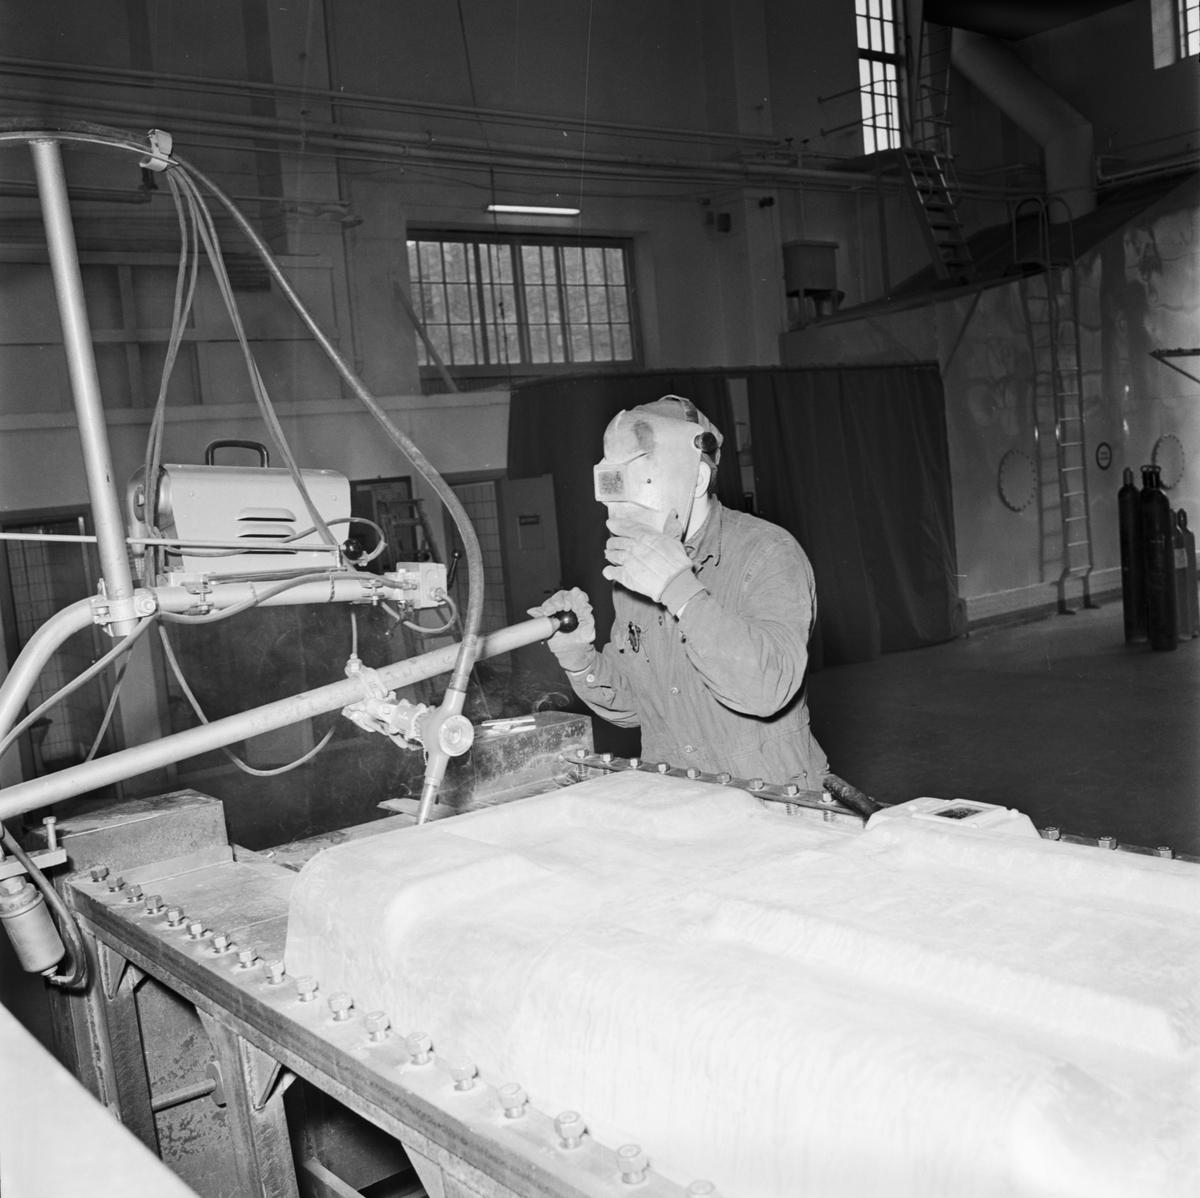 Övrigt: Foto datum: 16/3 1964 Verkstäder och personal. Bilder till reklambroschyr (Myllenberg) svetsning, dykare i arbete plåtpressen. Närmast identisk bild: V28537, ej skannad